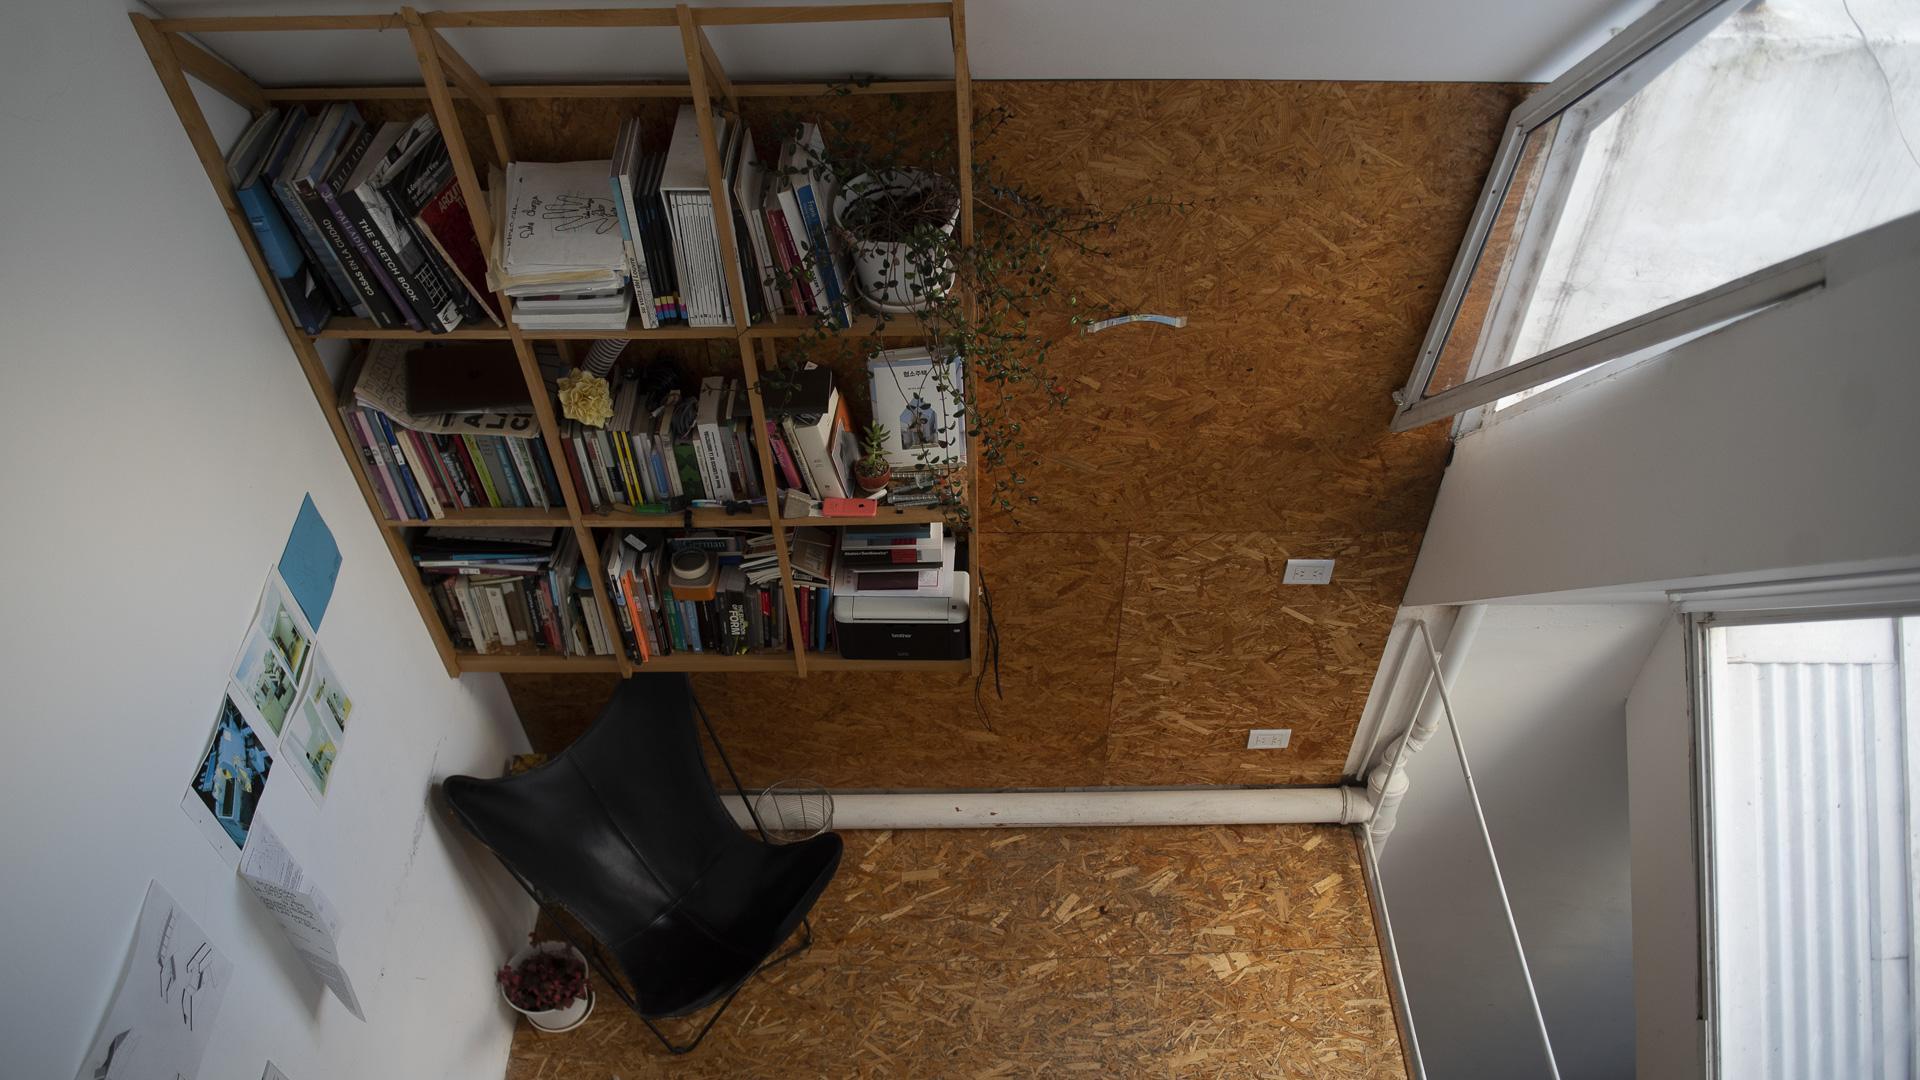 En un mismo lote conviven una serie de propiedades privadas de vivienda una al lado de la otra, dispuestas en planta baja y comunicadas por un pasillo